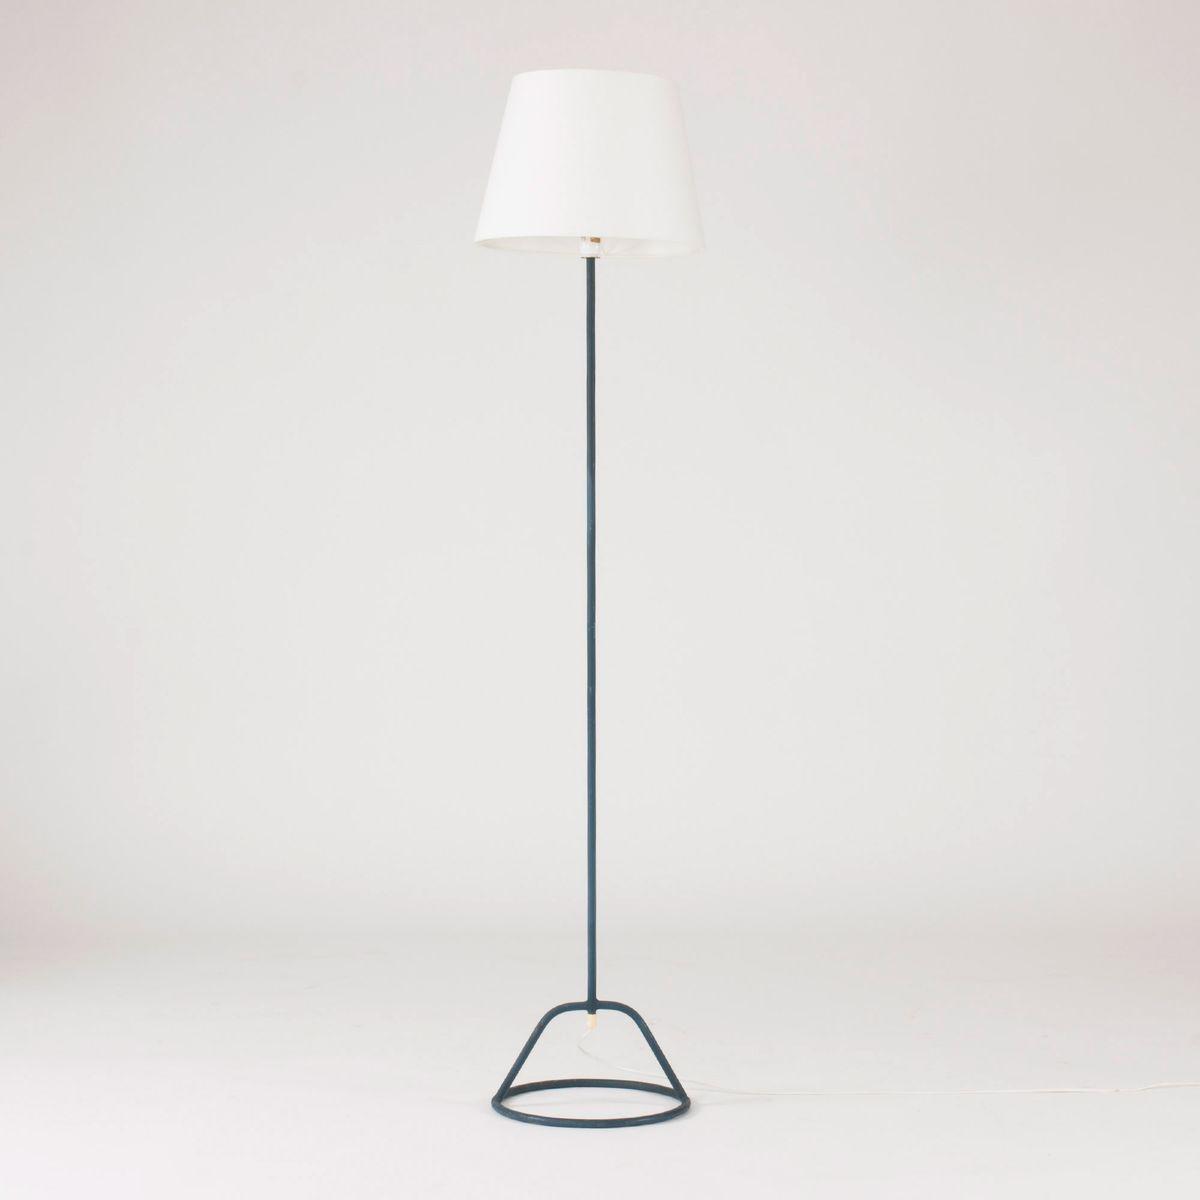 Blaue Stehlampe von Bertil Brisborg für Nordiska Kompaniet, 1950er